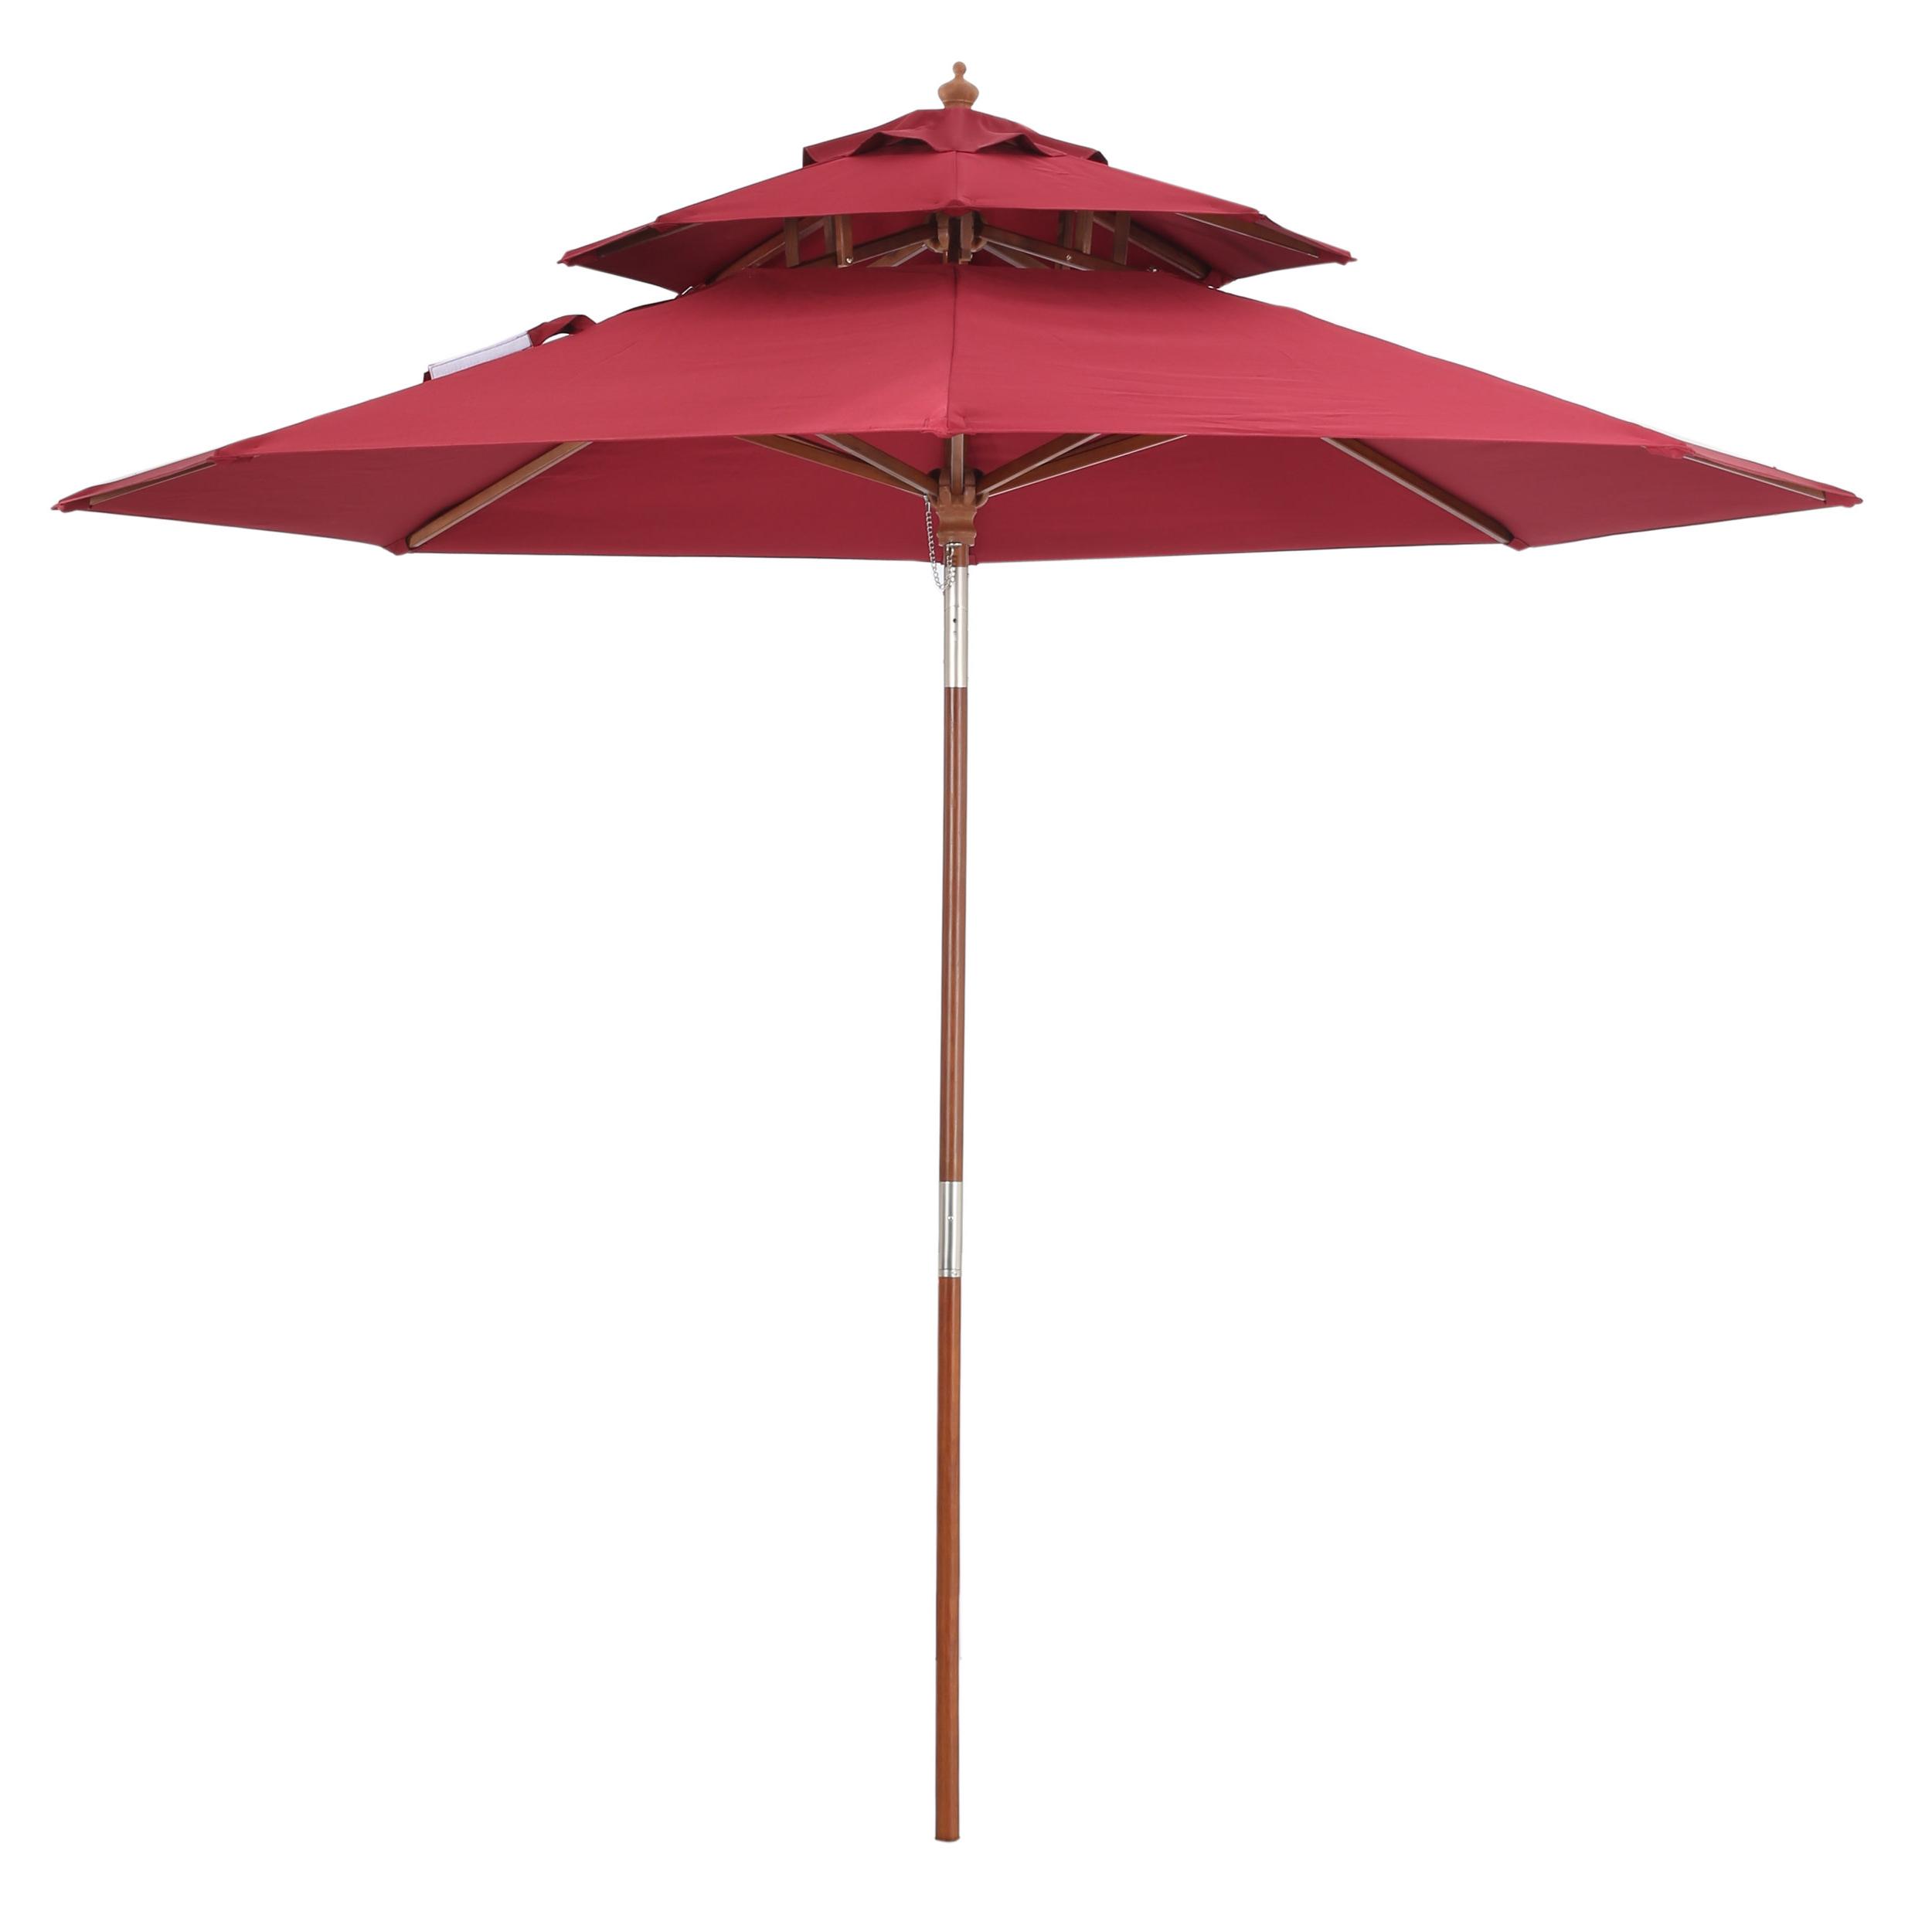 Zeigler 9' Market Umbrella Within Newest Aldan Market Umbrellas (View 20 of 20)